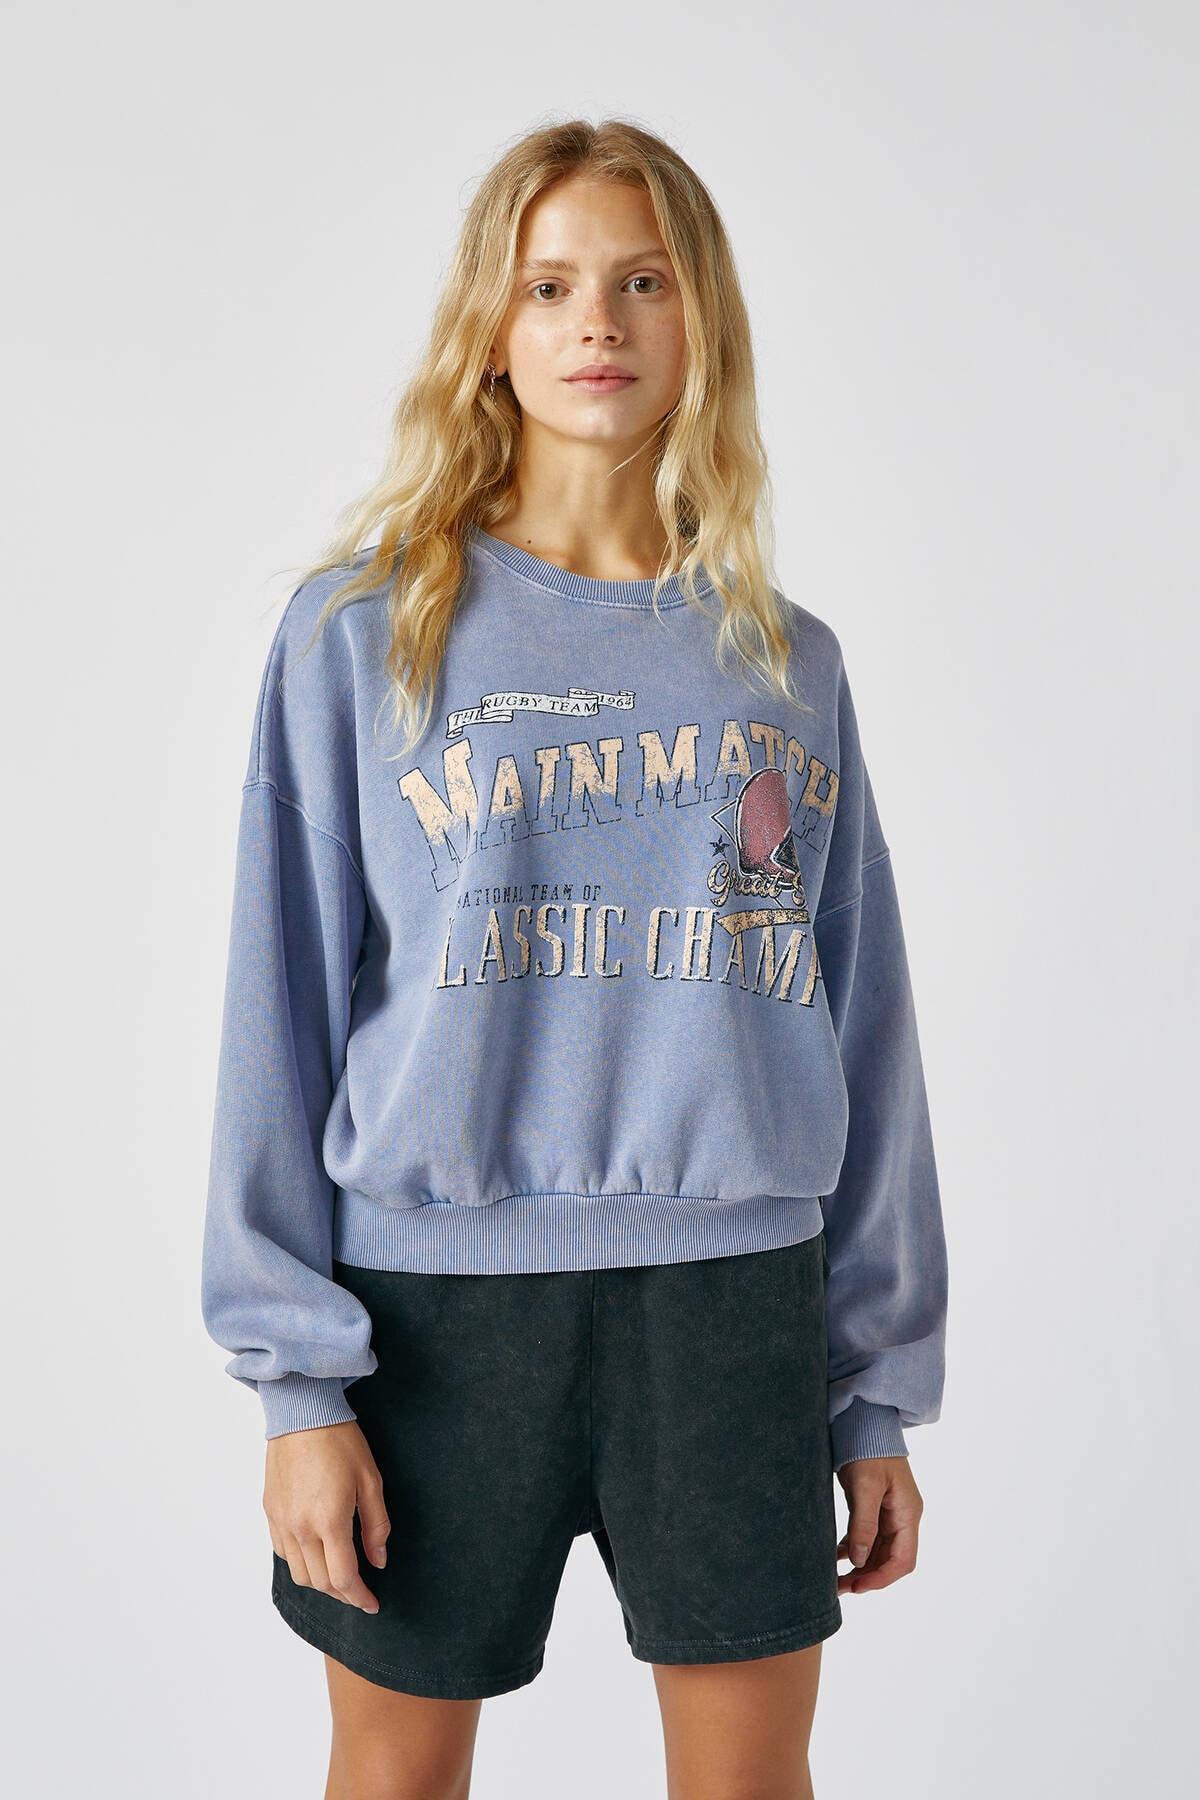 Pull & Bear Kadın Bulut Mavisi Kontrast Sloganlı Sweatshirt 09594307